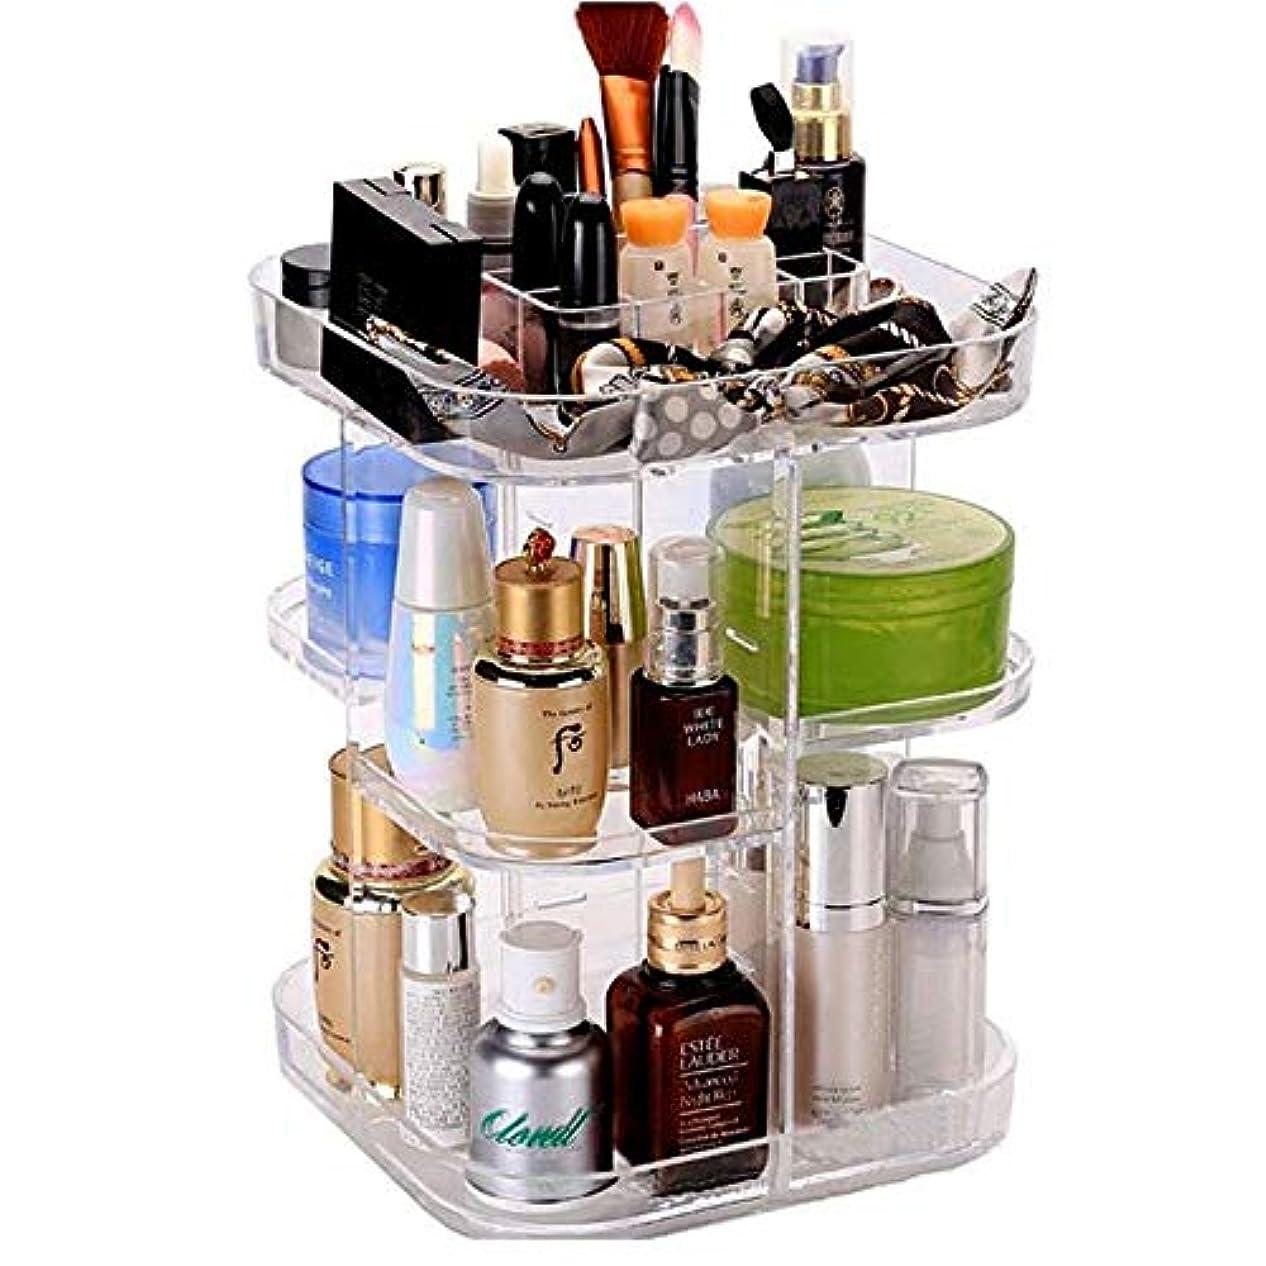 スクリューワット事前に整理簡単 シンプル回転化粧オーガナイザー360回転メイクアップ収納最大容量ディスプレイスタンドボックス用ドレッサー寝室の浴室 (Color : Clear, Size : 22*22*32CM)